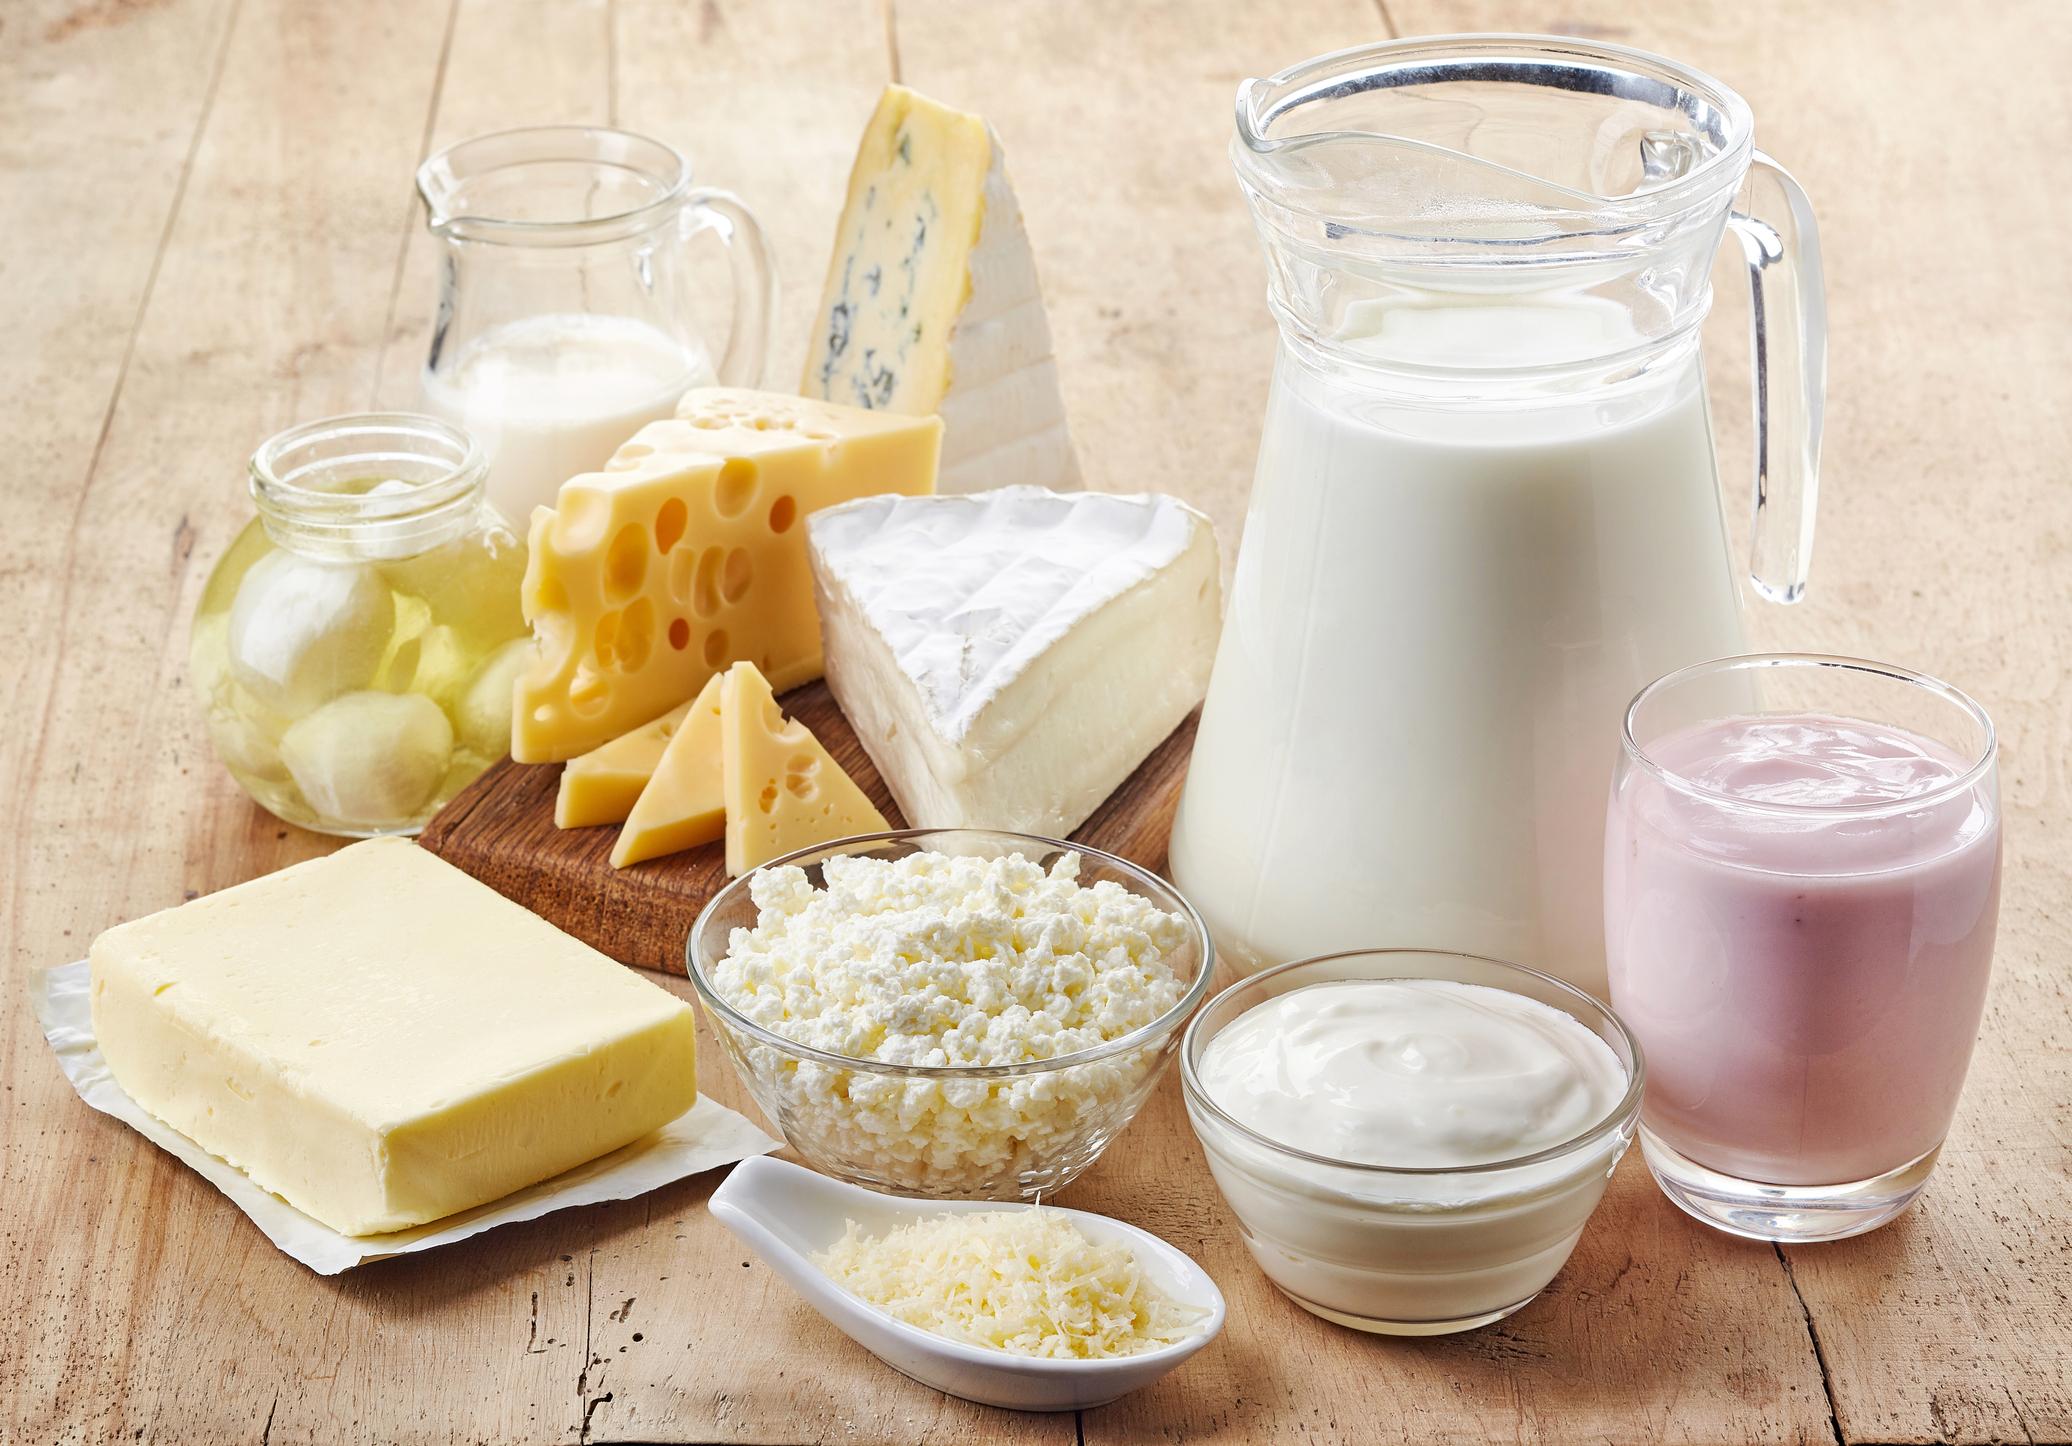 فوائد منتجات الالبان - ايهما افضل للاستهلاك الكامل الدسم - قليل السم أم خالي الدسم